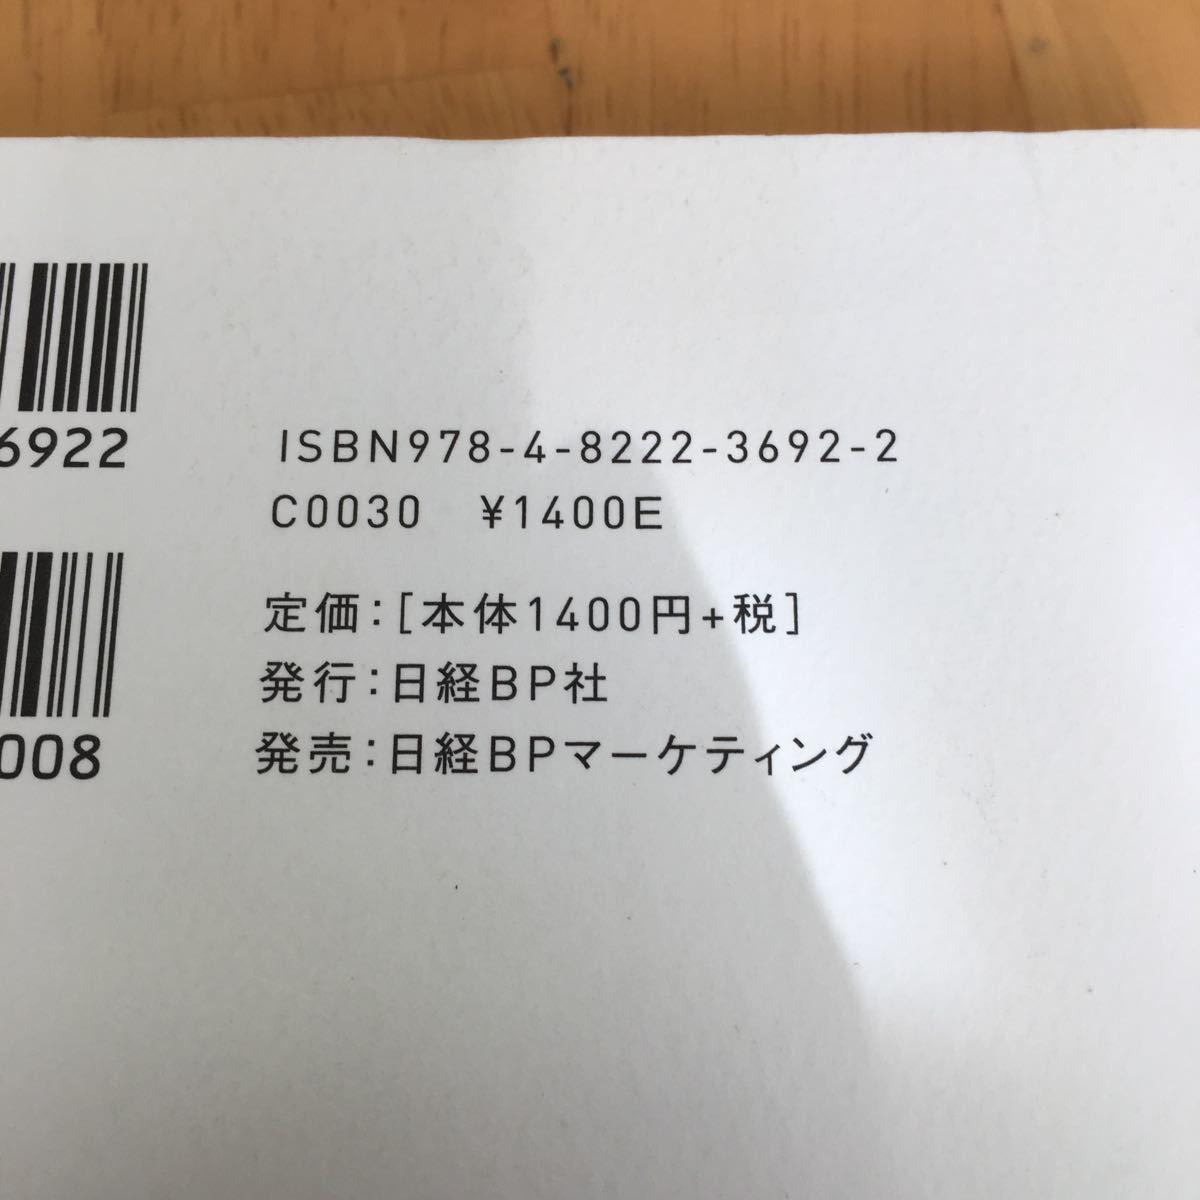 宝くじで1億円当たった人の末路 鈴木信行 中古 状態普通_画像8